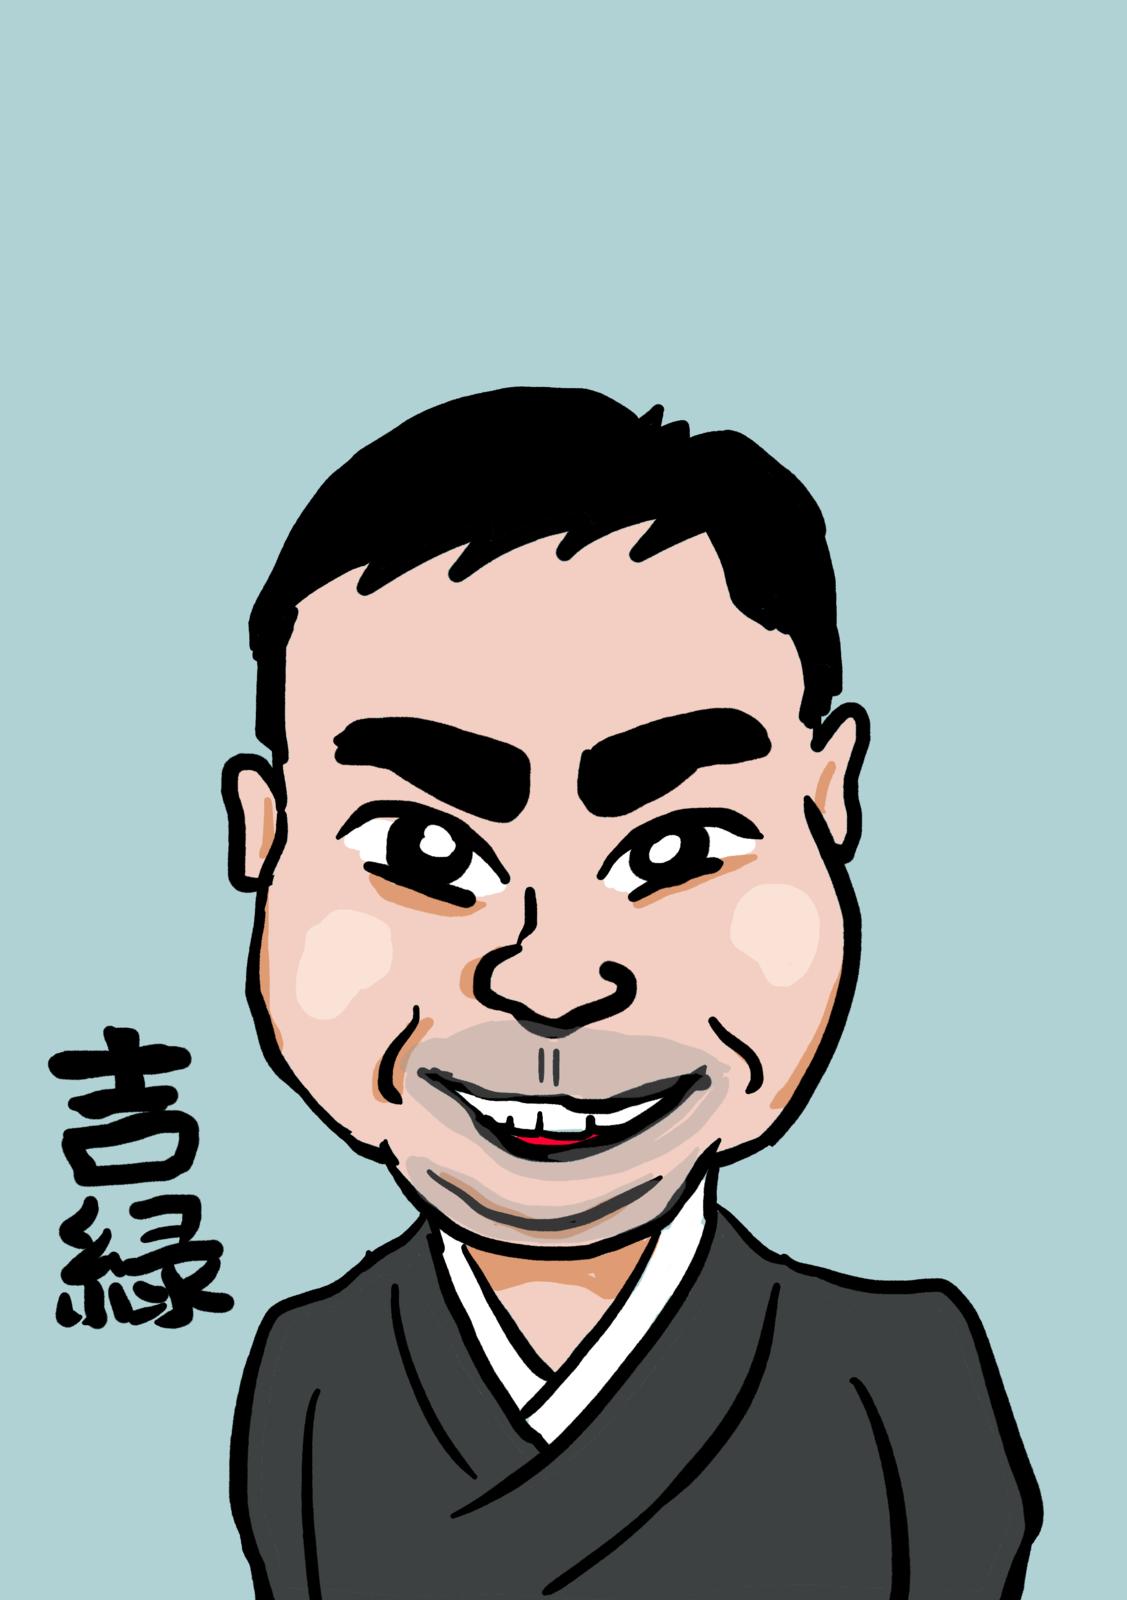 Kichiroku